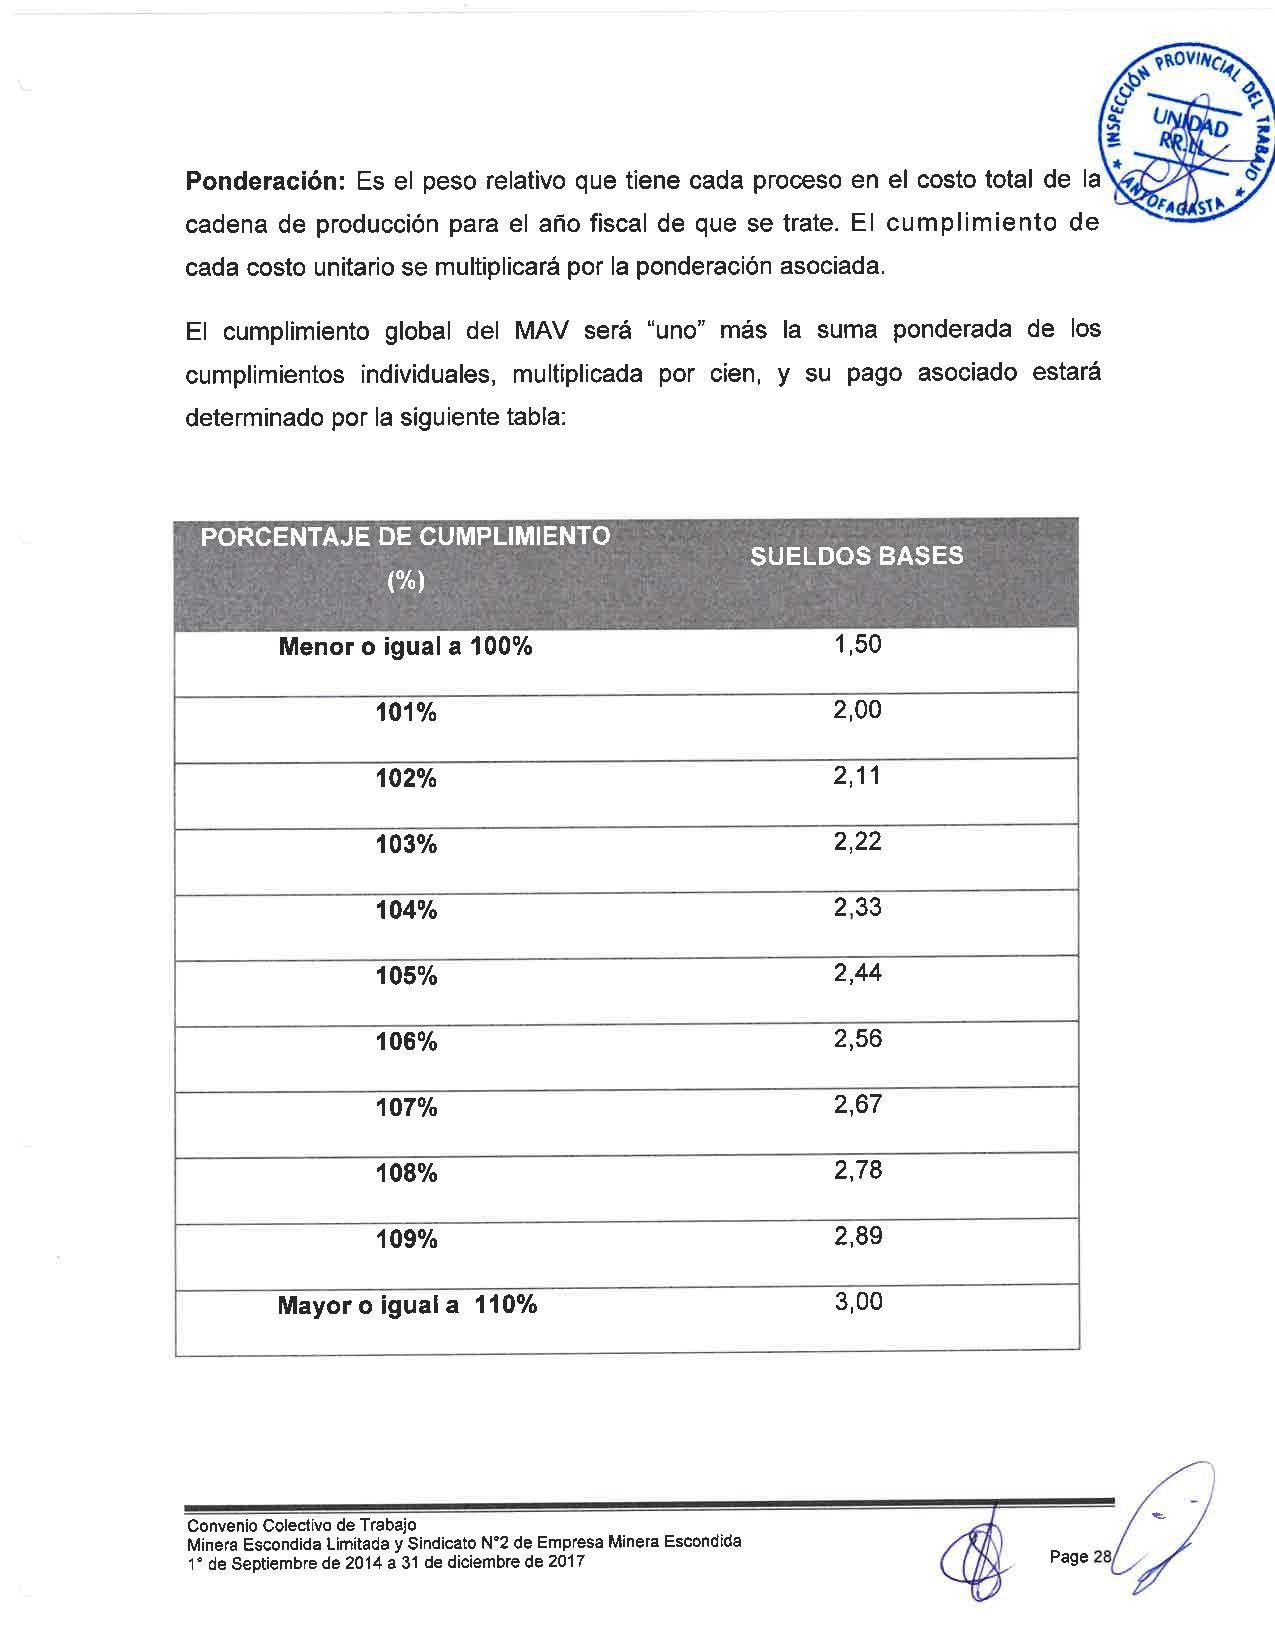 Página (28).jpg